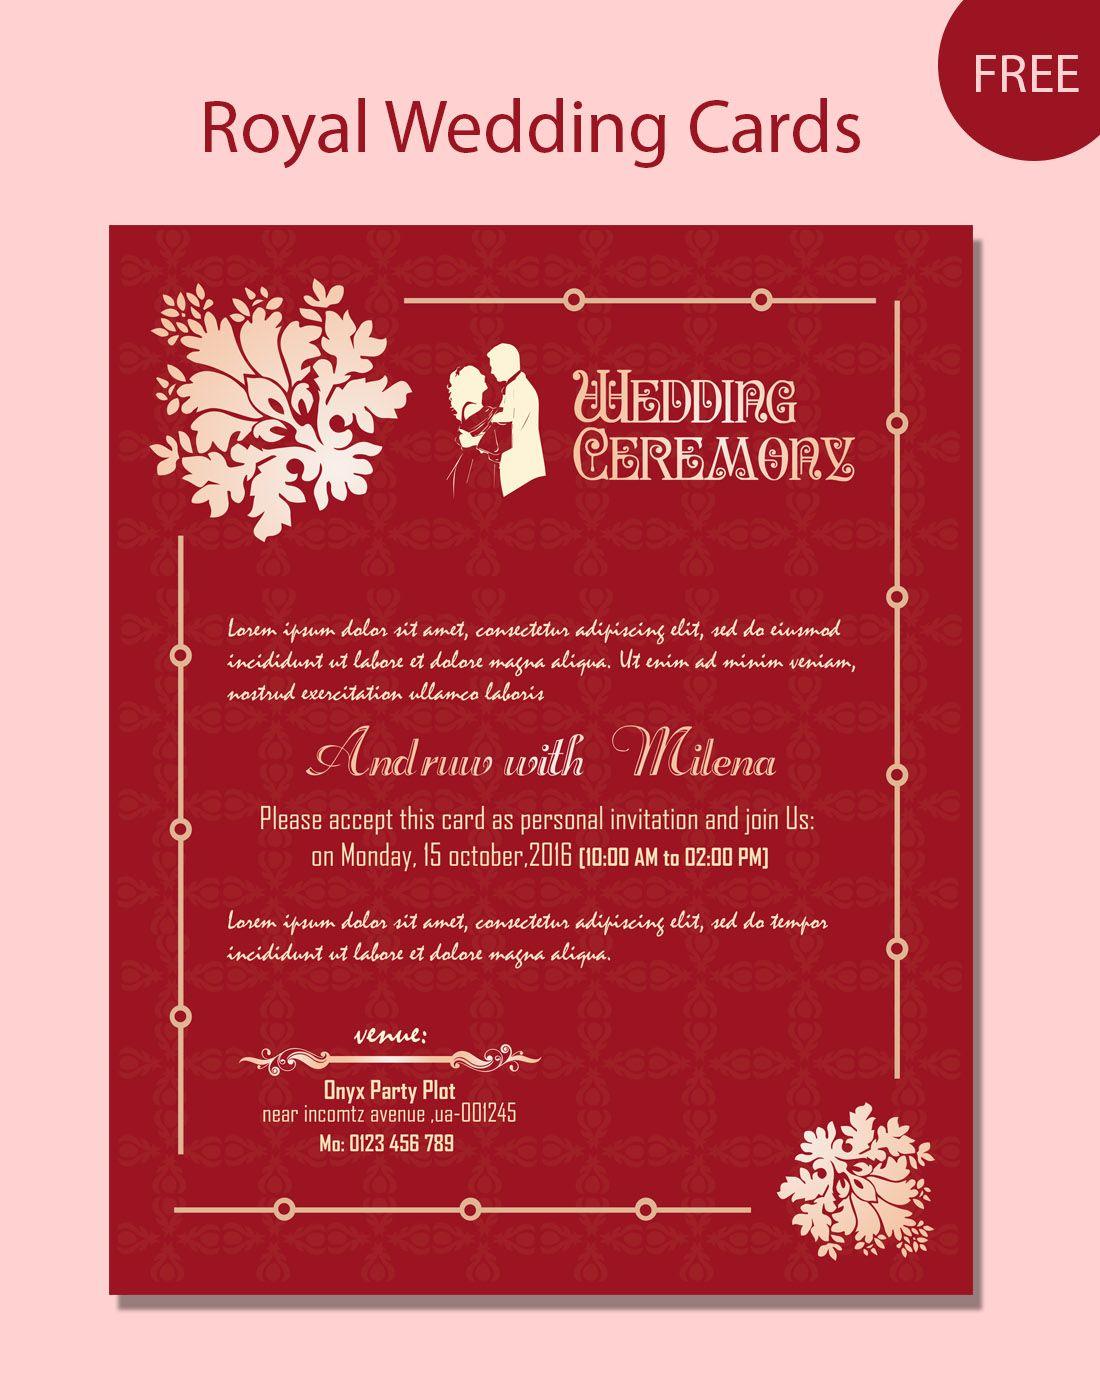 Wedding Card Psd Templates | deweddingjpg.com